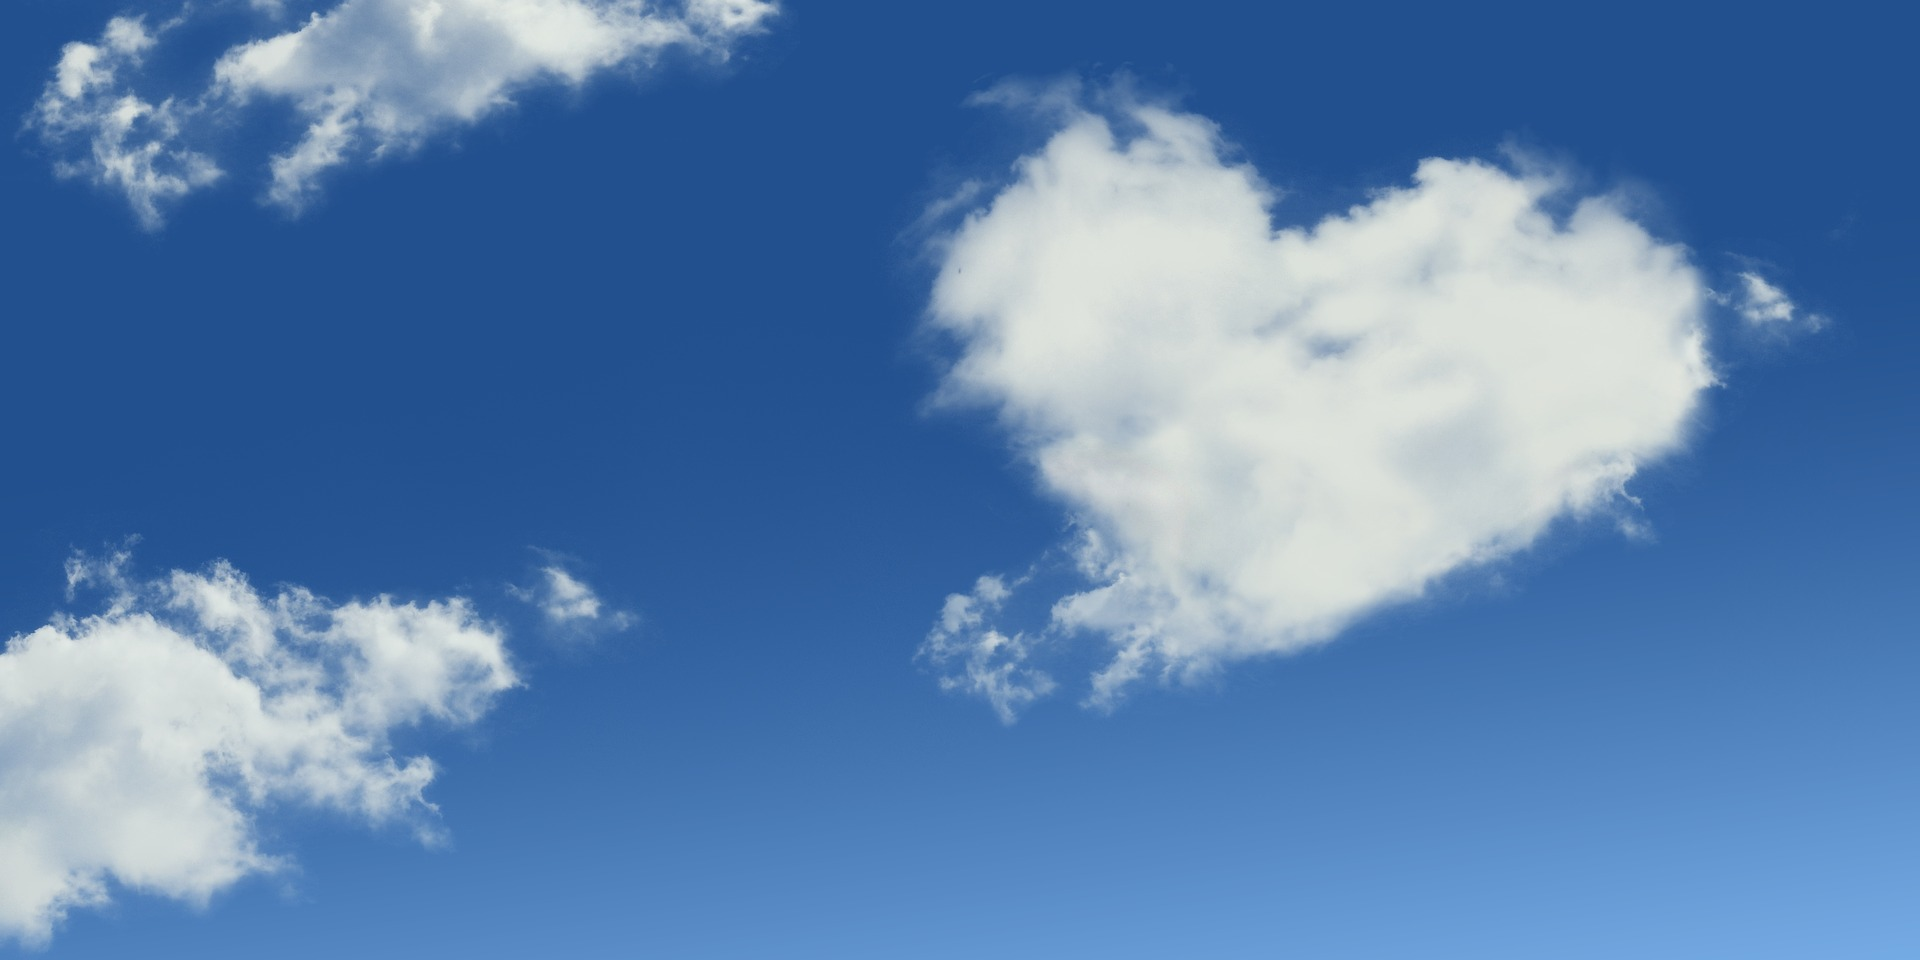 nuage en coeur